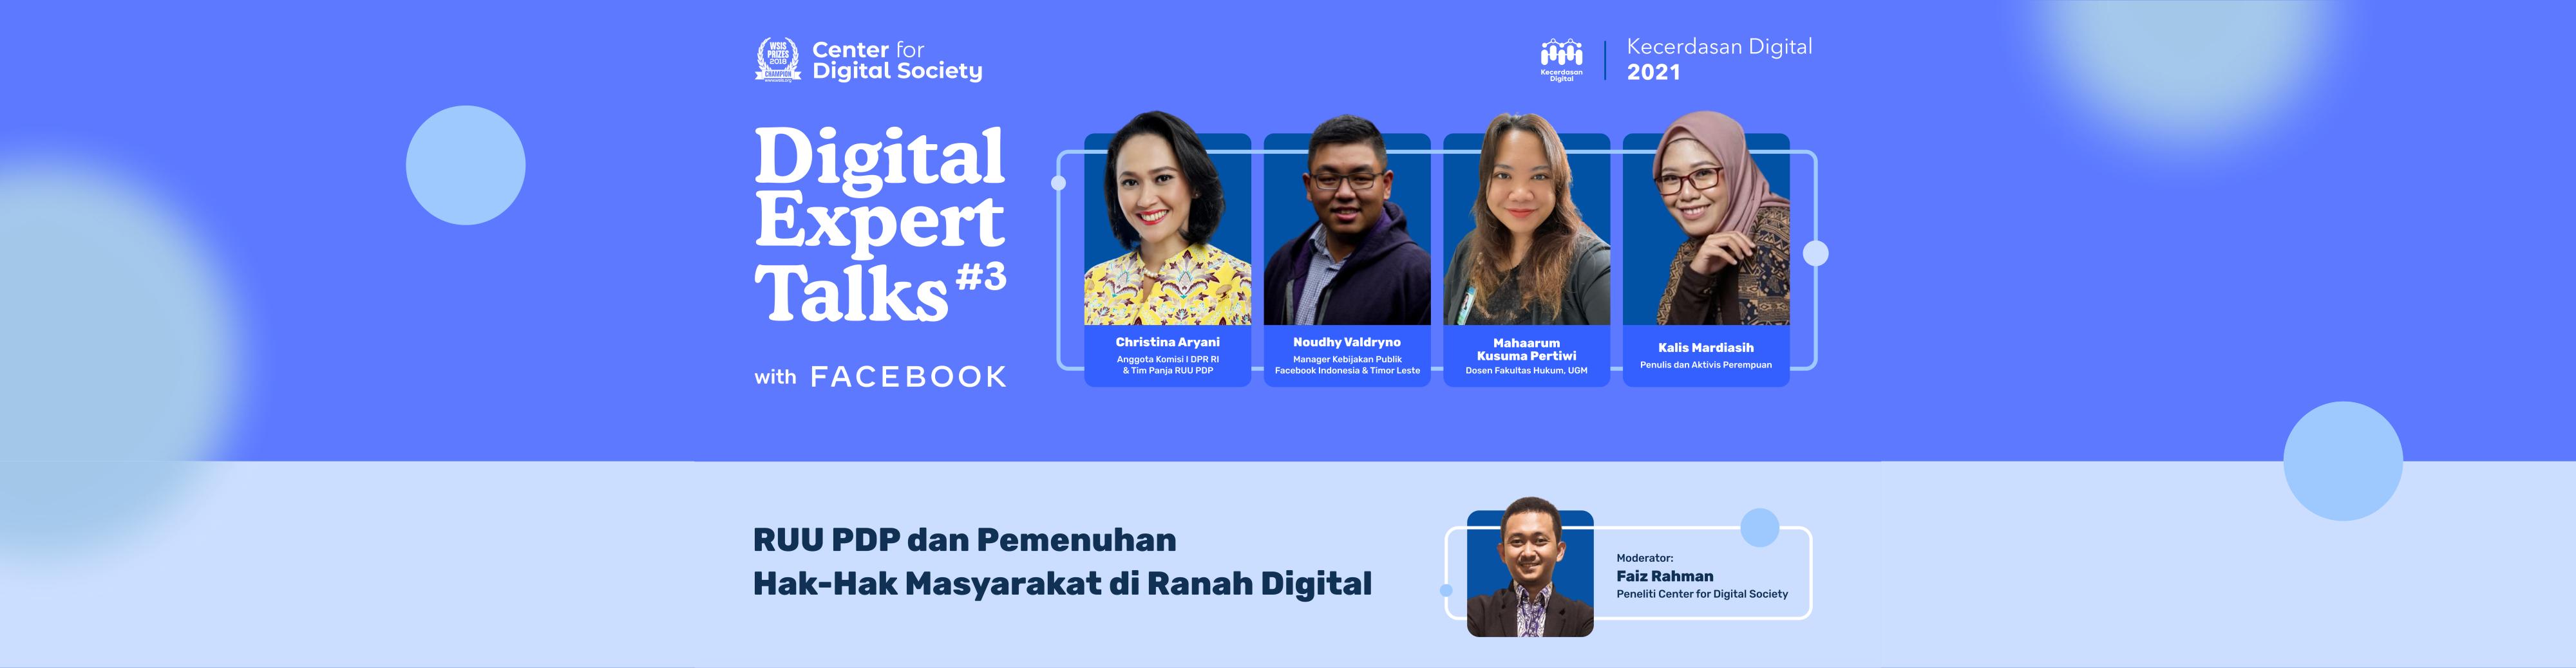 [SIARAN PERS] RUU PDP dan Pemenuhan Hak-Hak Masyarakat di Ranah Digital | Digital Expert Talks #3 with Facebook Indonesia